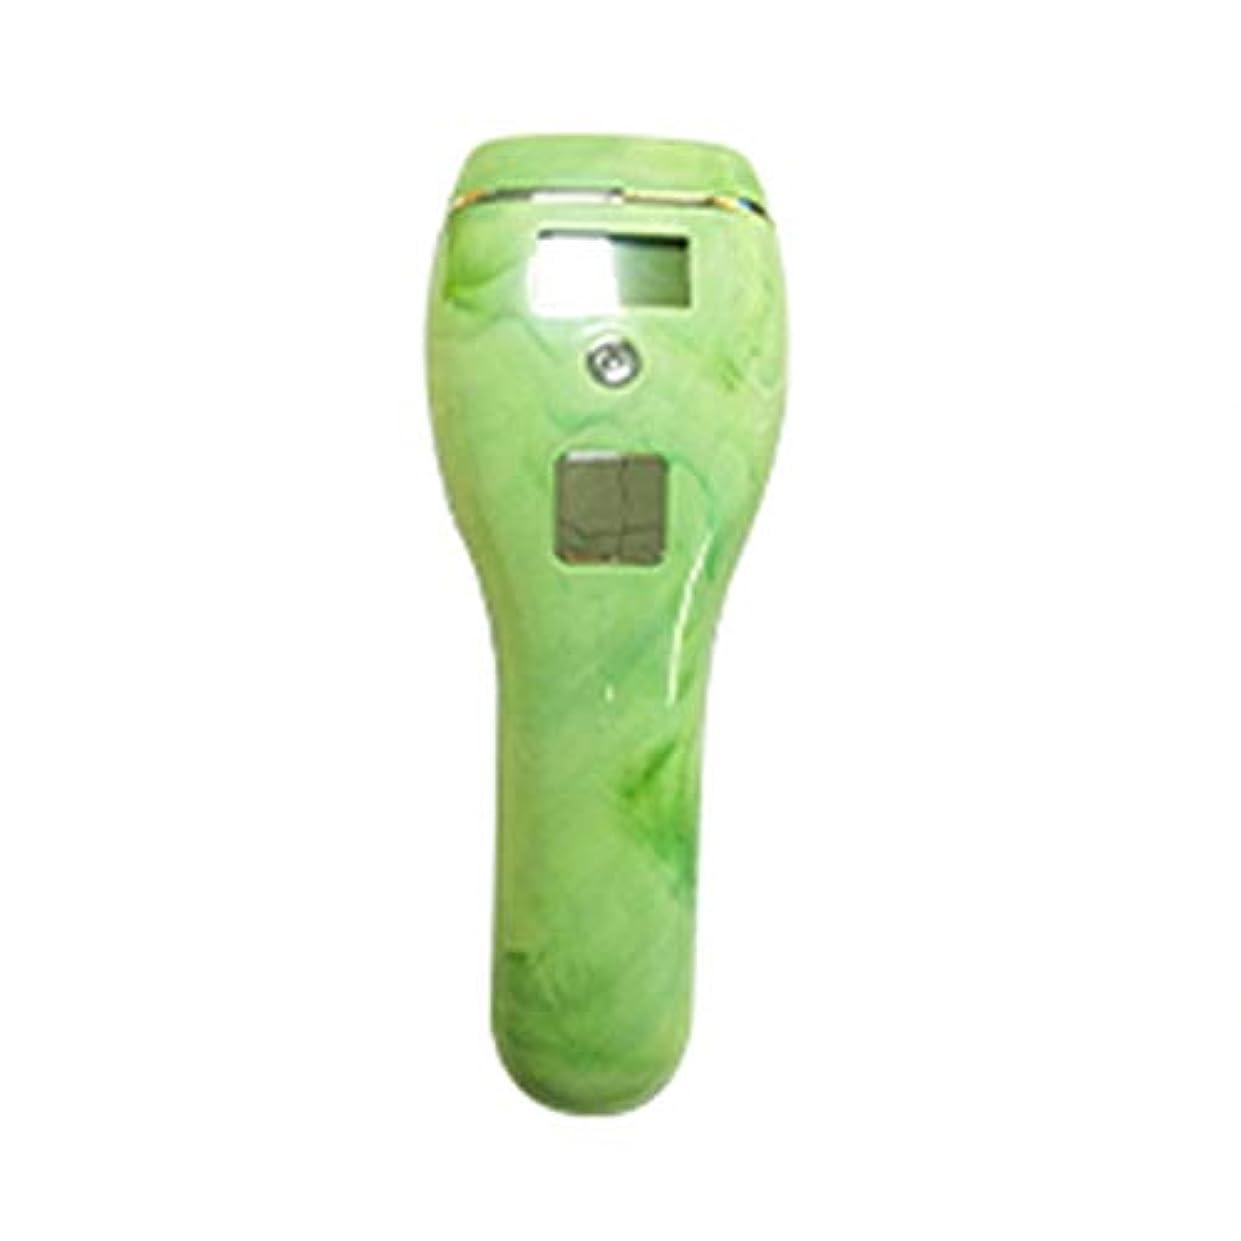 好み視聴者イーウェルIku夫 自動肌のカラーセンシング、グリーン、5速調整、クォーツチューブ、携帯用痛みのない全身凍結乾燥用除湿器、サイズ19x7x5cm (Color : Green)